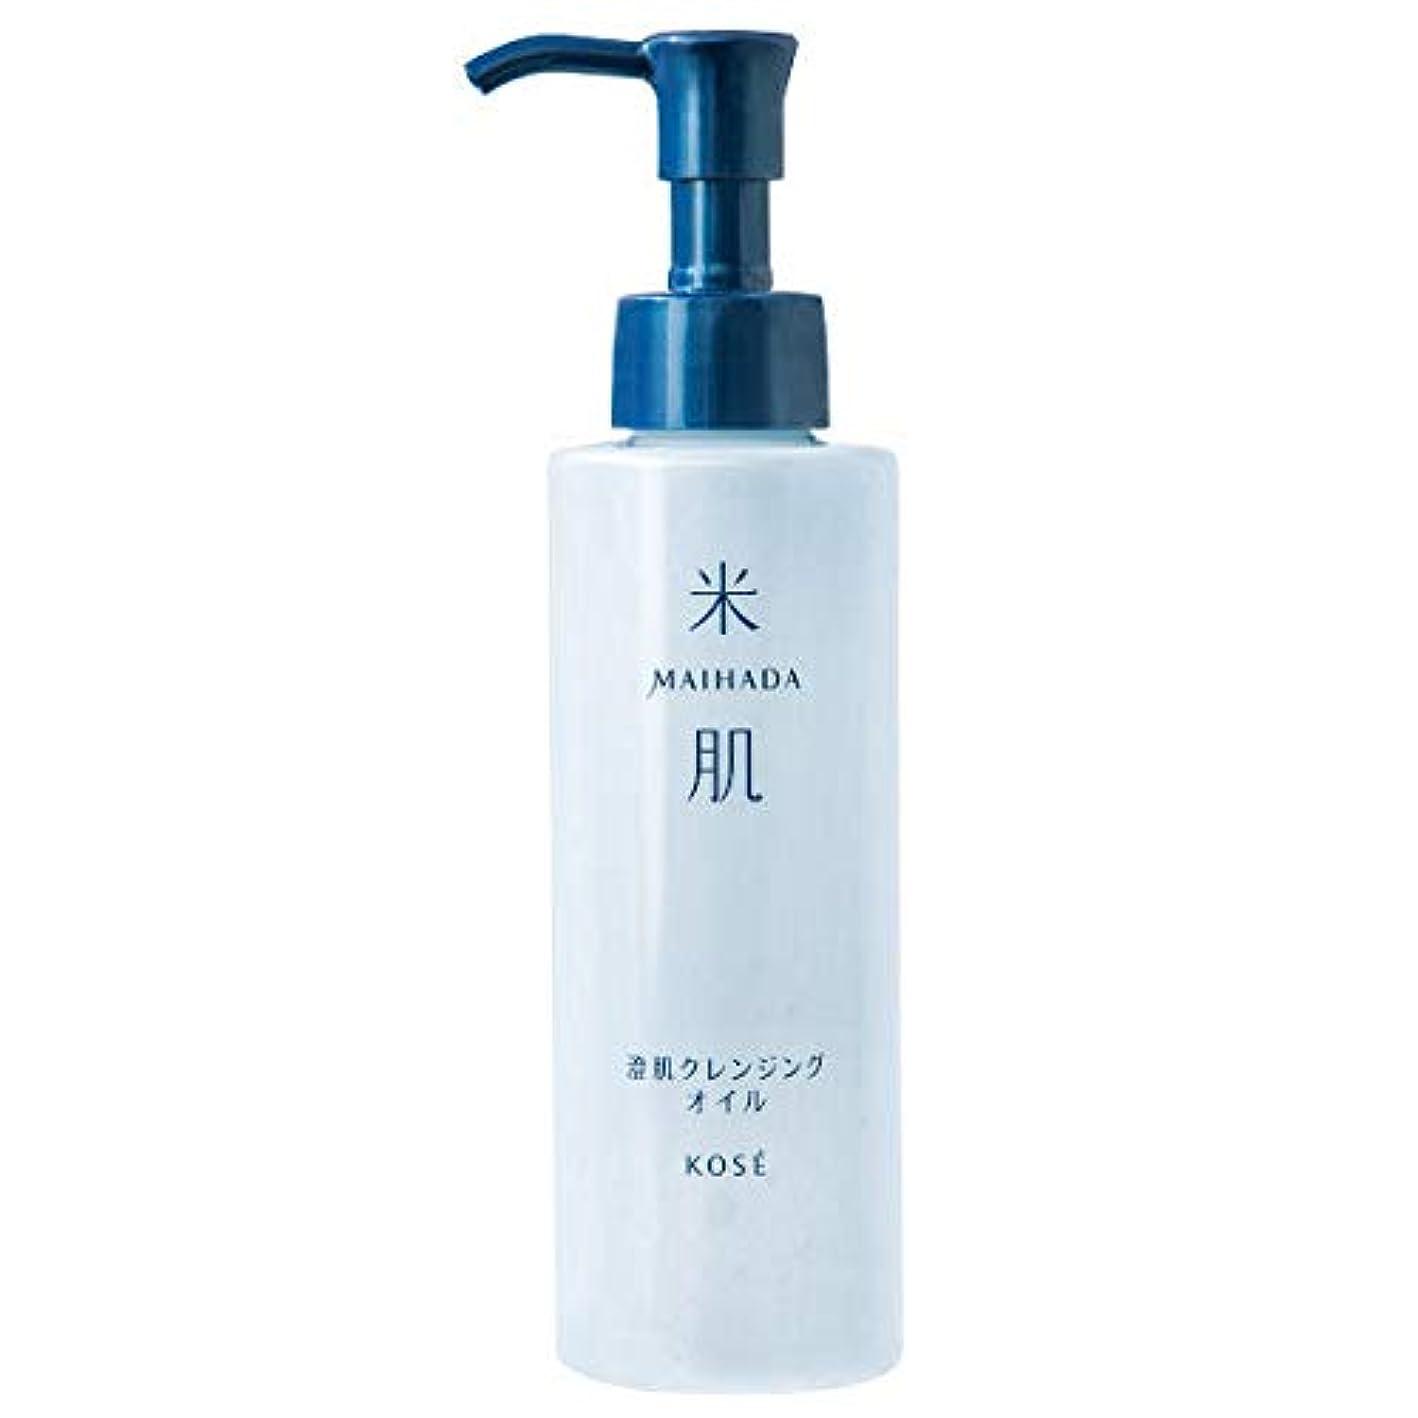 手首理容師評価する米肌(MAIHADA) 澄肌クレンジングオイル 150ml